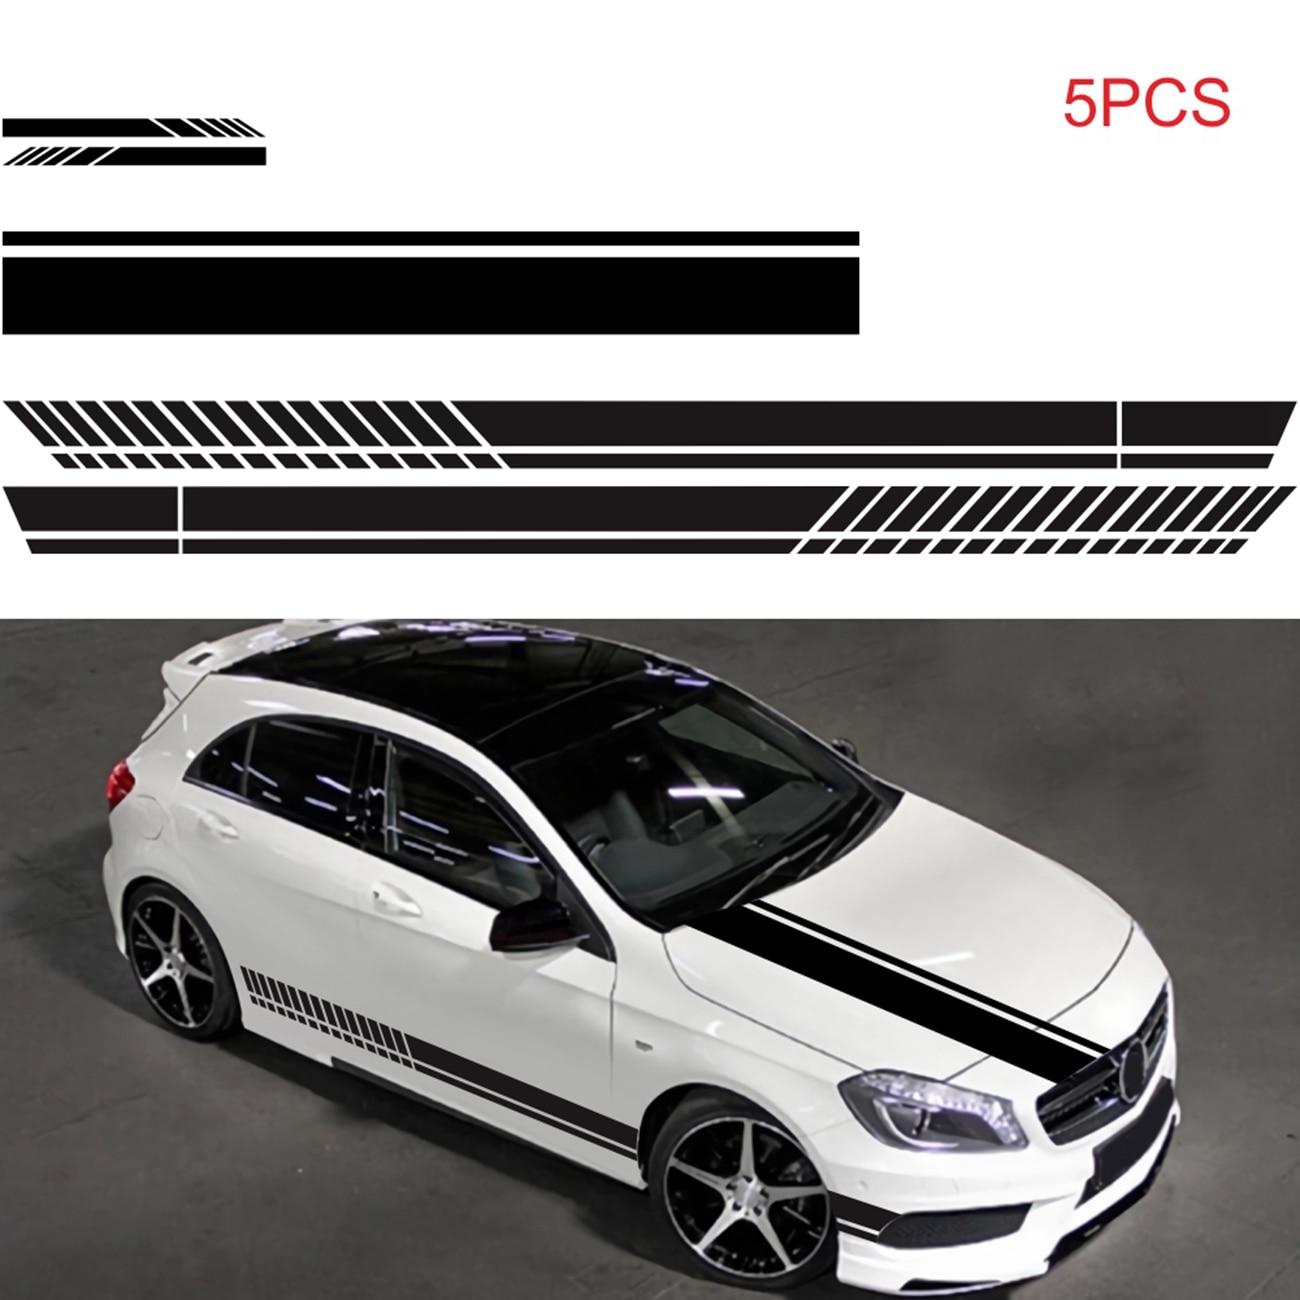 5 шт. автомобиль Стикеры рисунок наклейка на уровне талии Стикеры D-936 кузова автомобиля гоночных Боковая дверь длинные полосатые наклейки С...